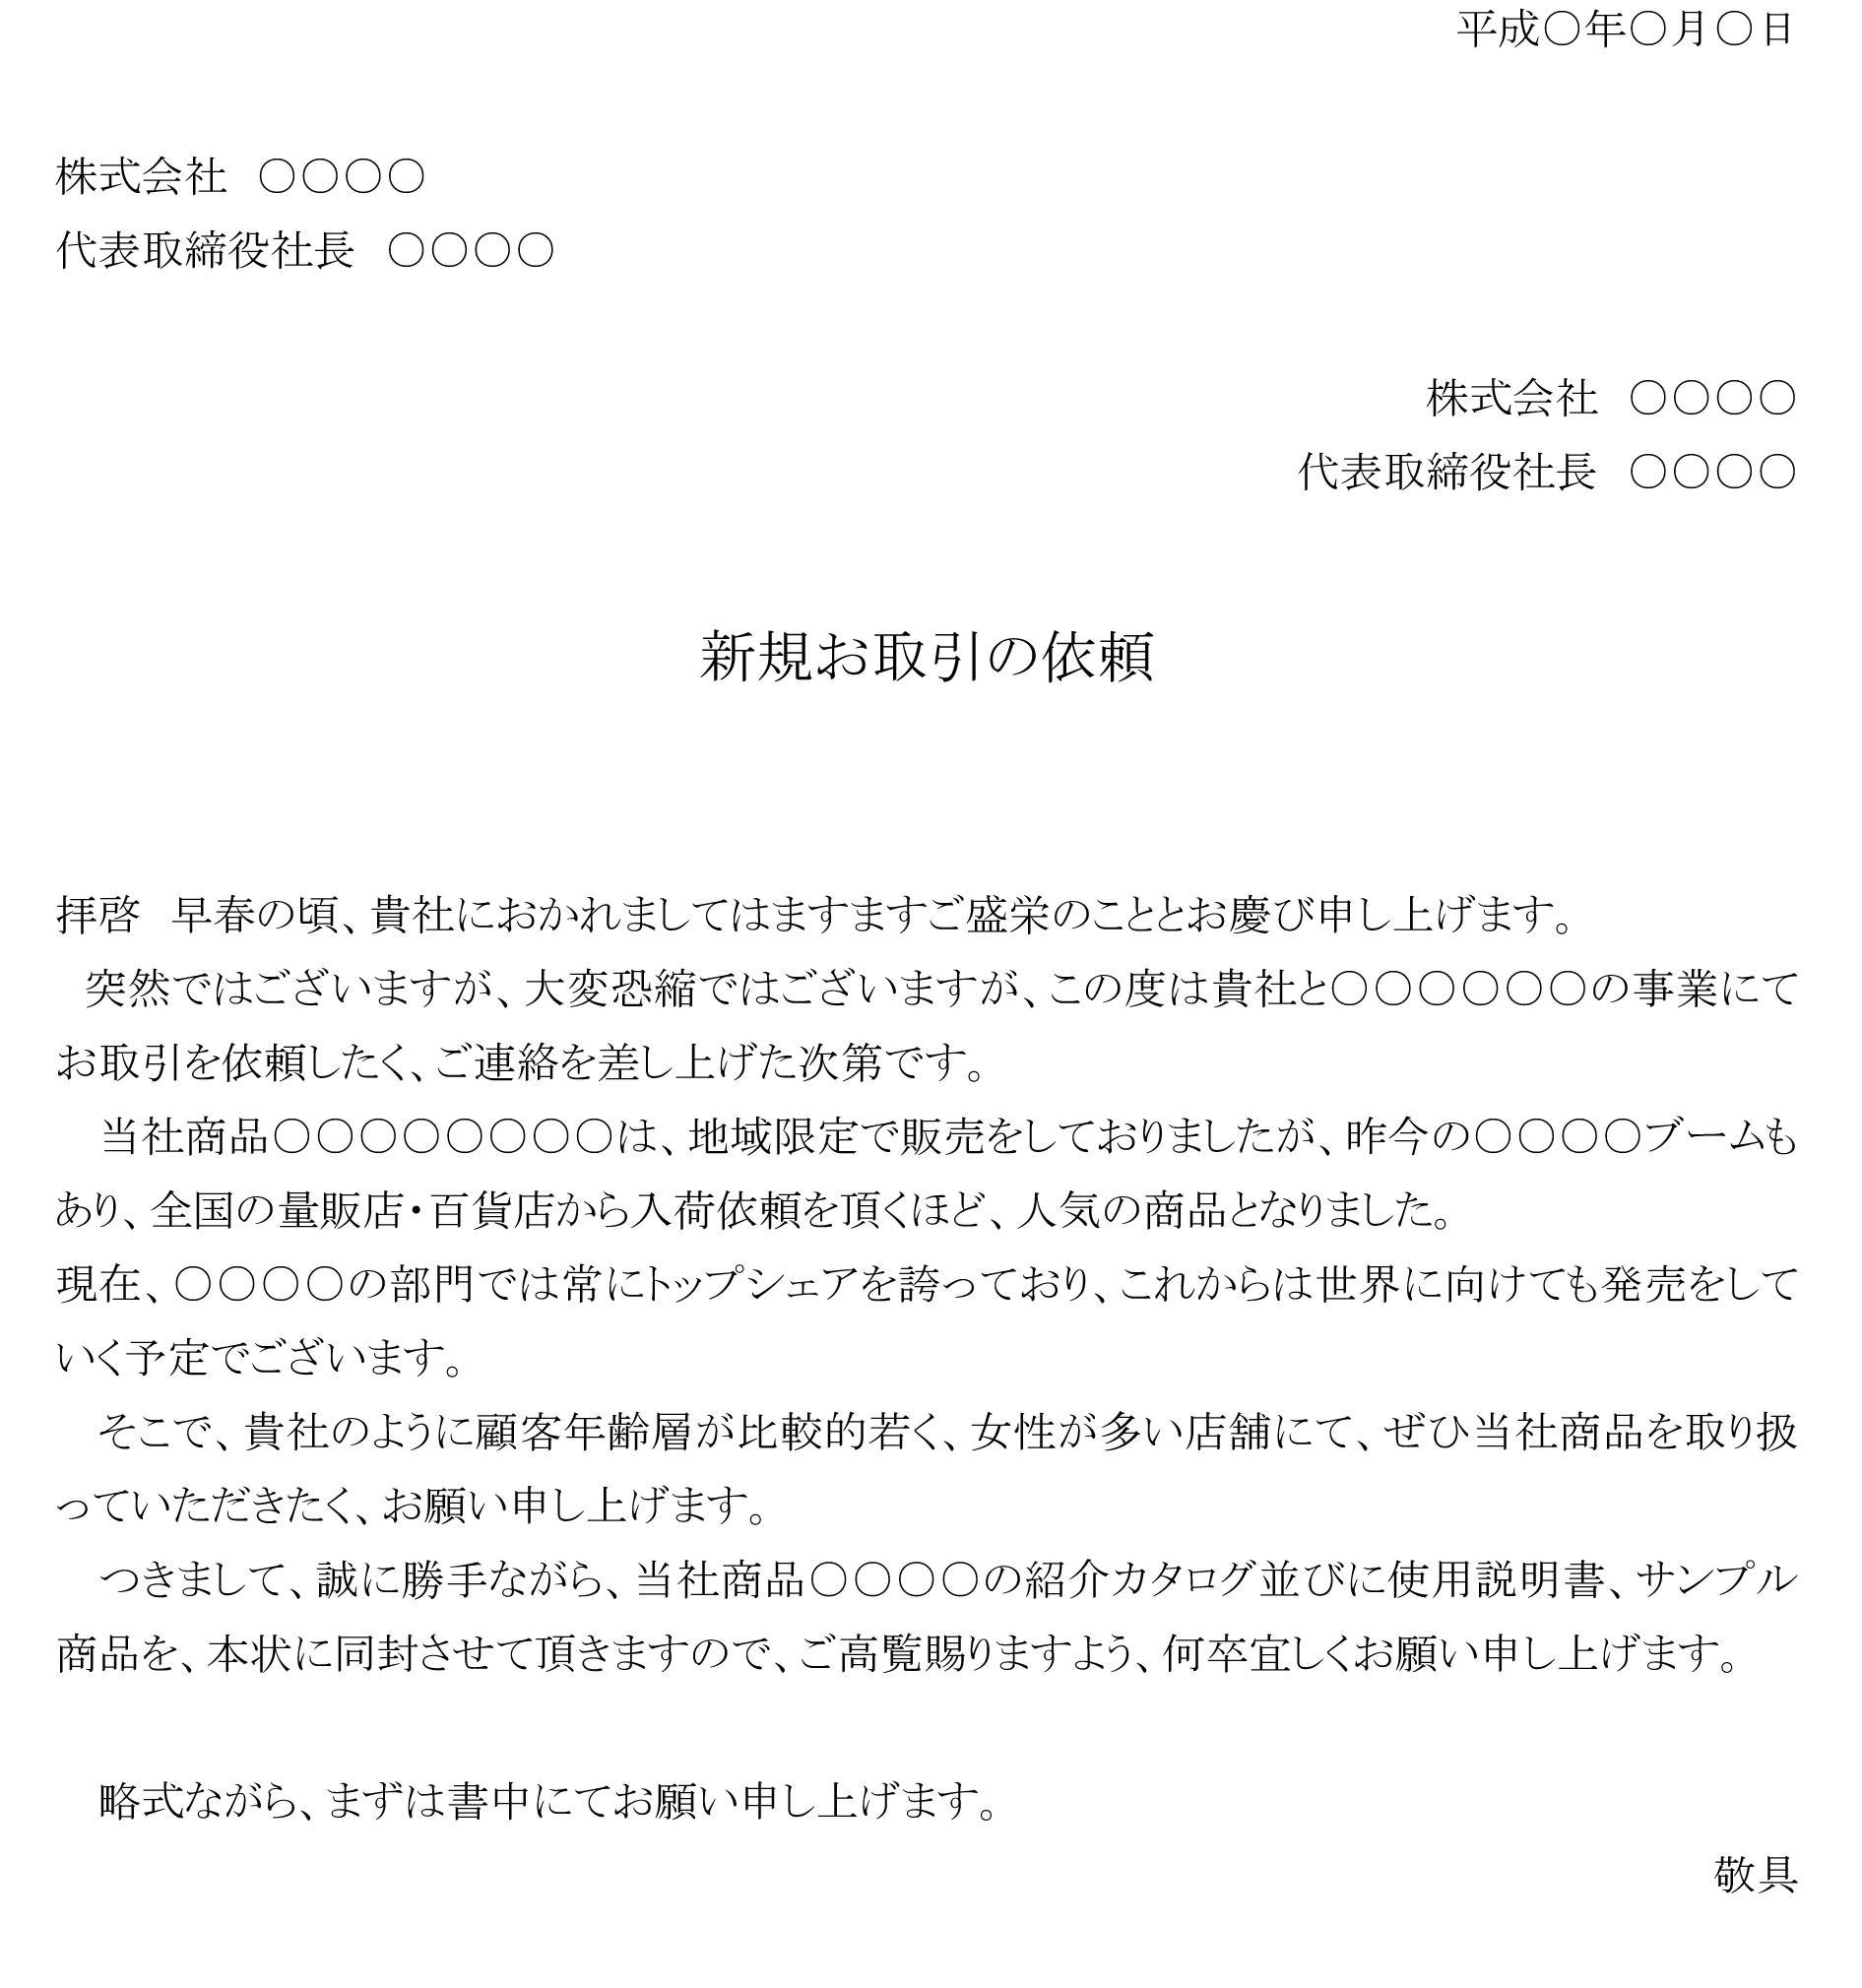 依頼状(新規取引依頼)